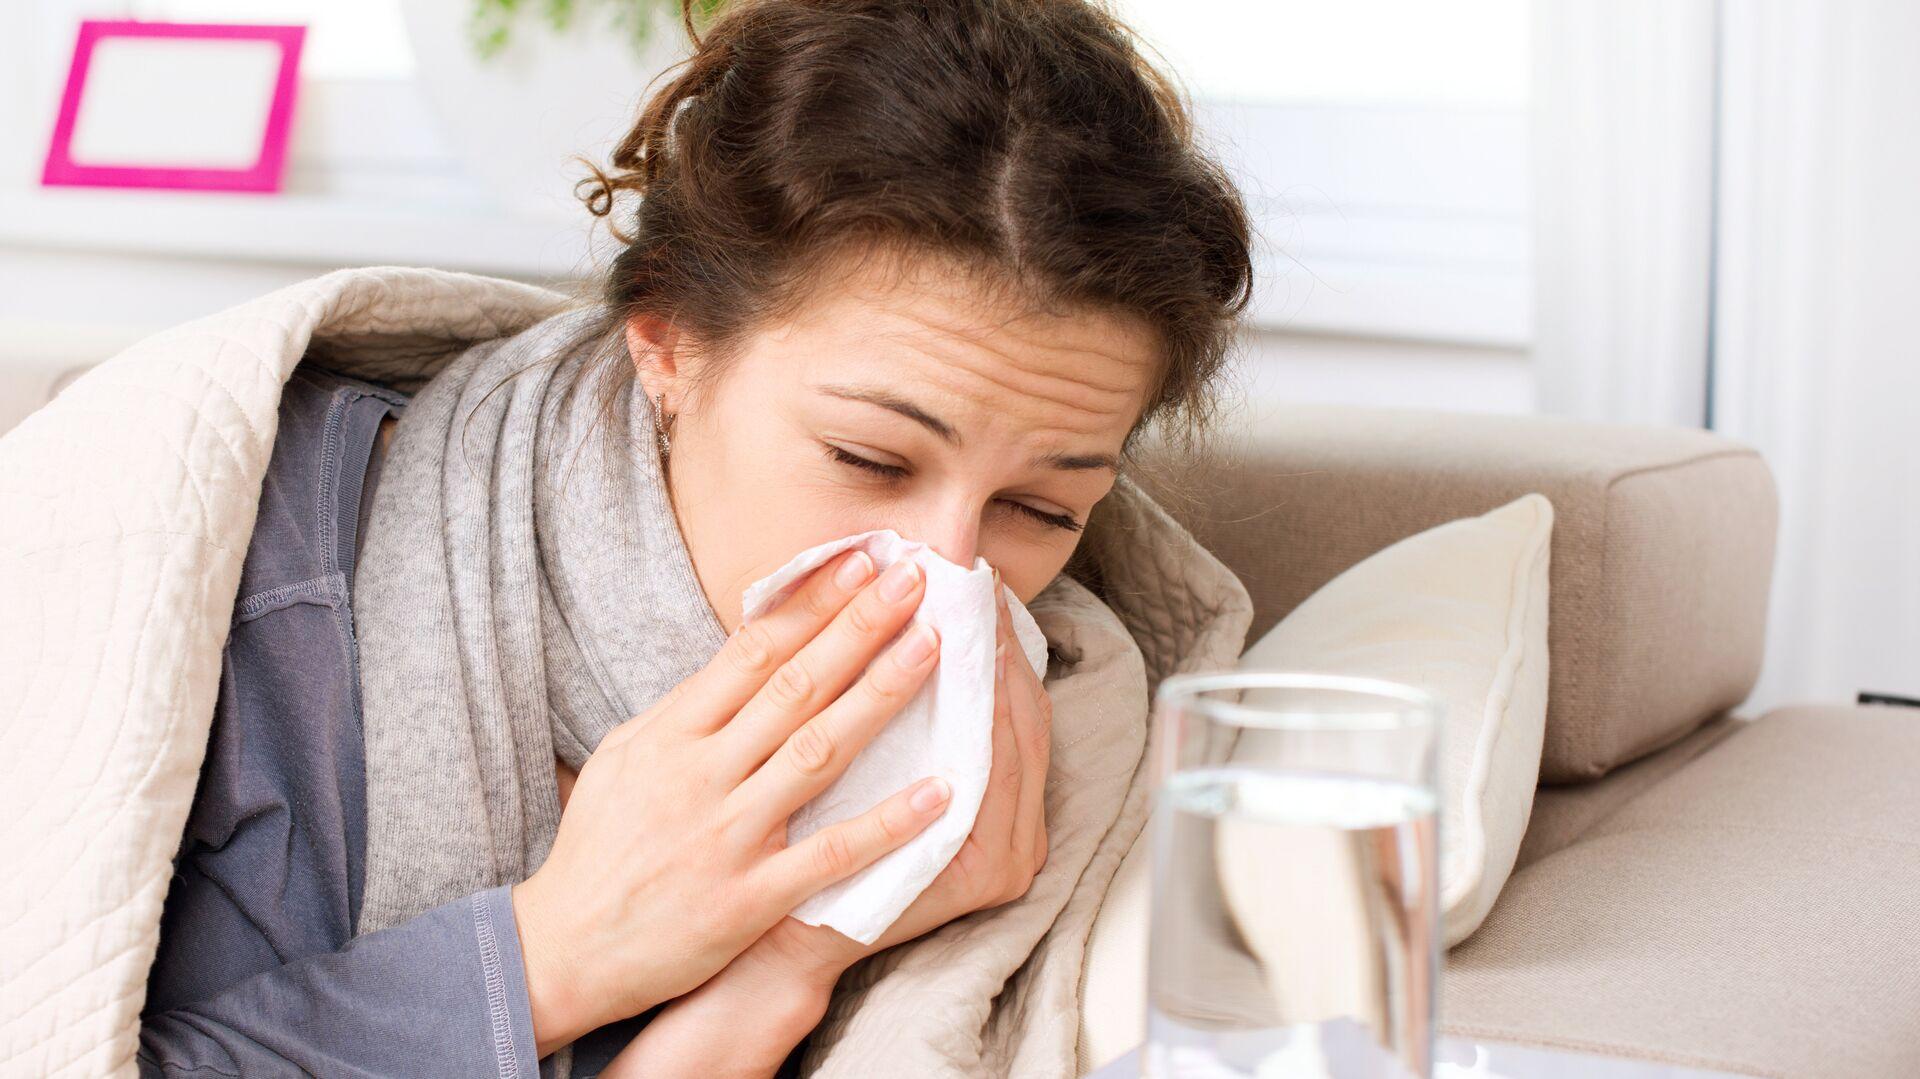 Медики выяснили, почему пожилые люди умирают от гриппа - РИА Новости,  22.04.2016